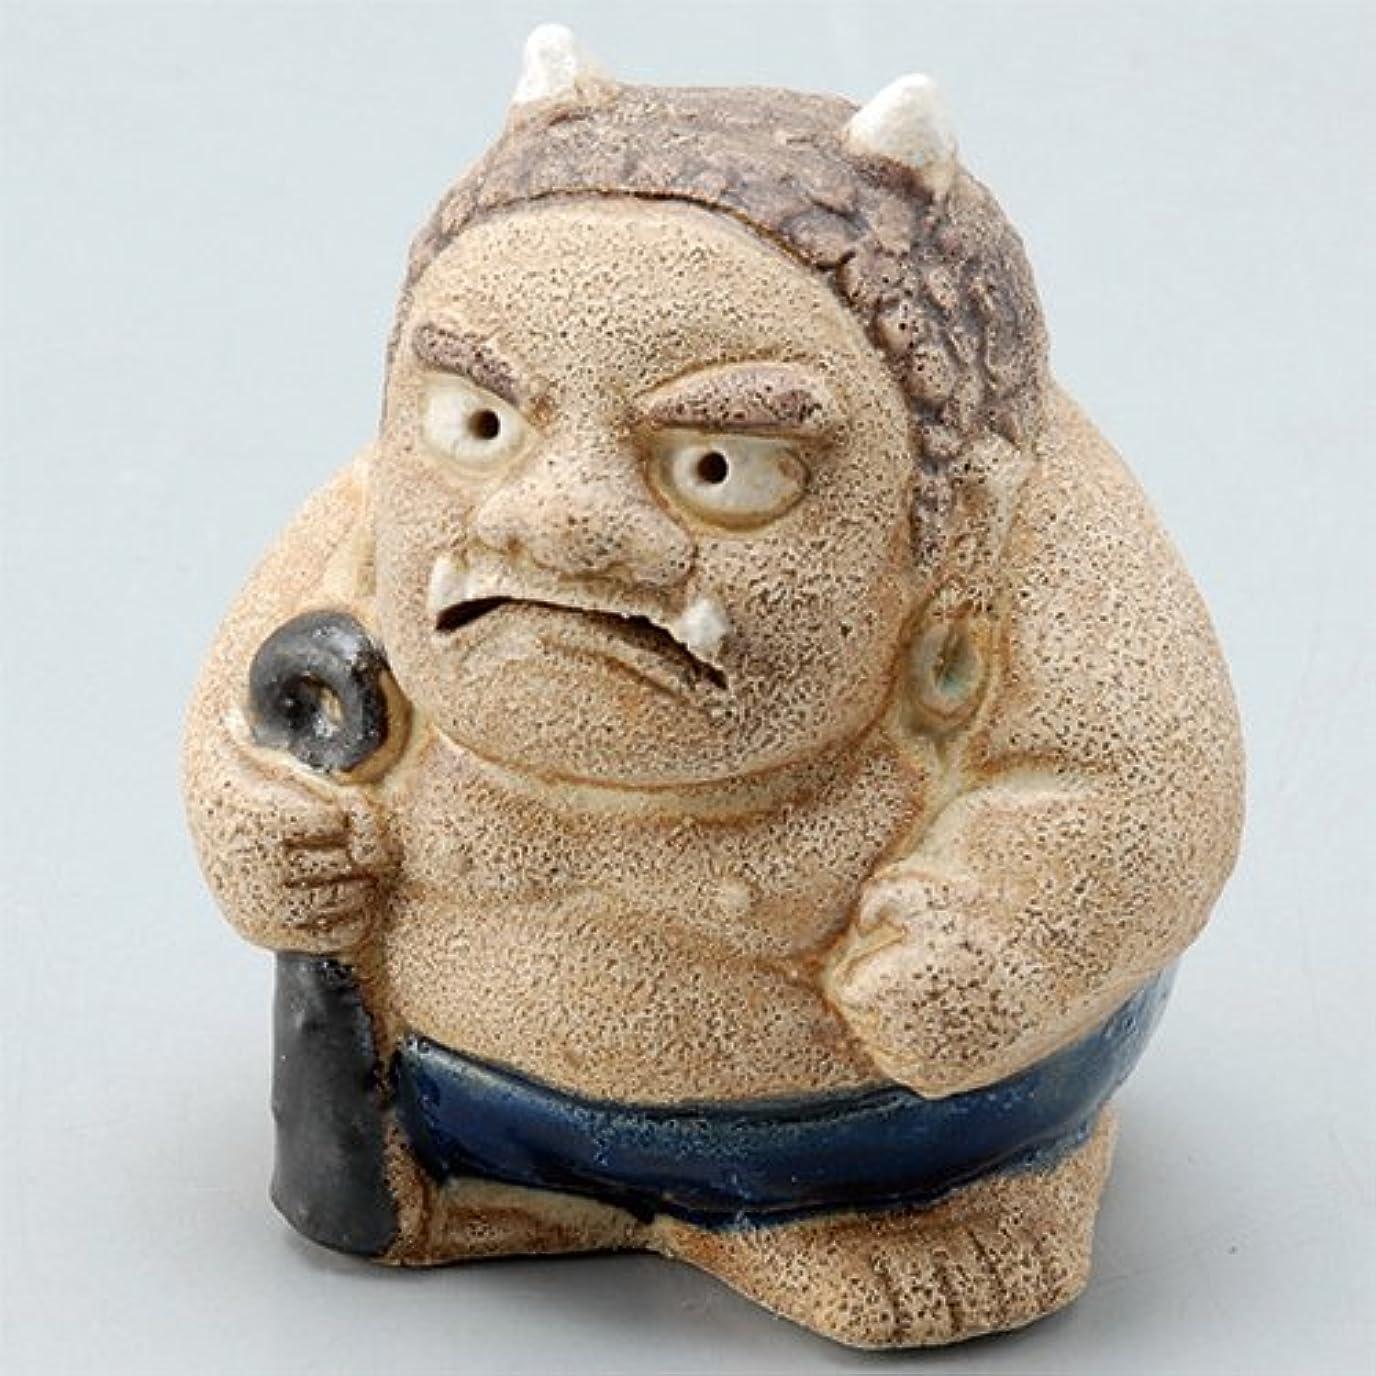 カイウス適性集中香炉 飾り香炉(福鬼) [H6.8cm] HANDMADE プレゼント ギフト 和食器 かわいい インテリア